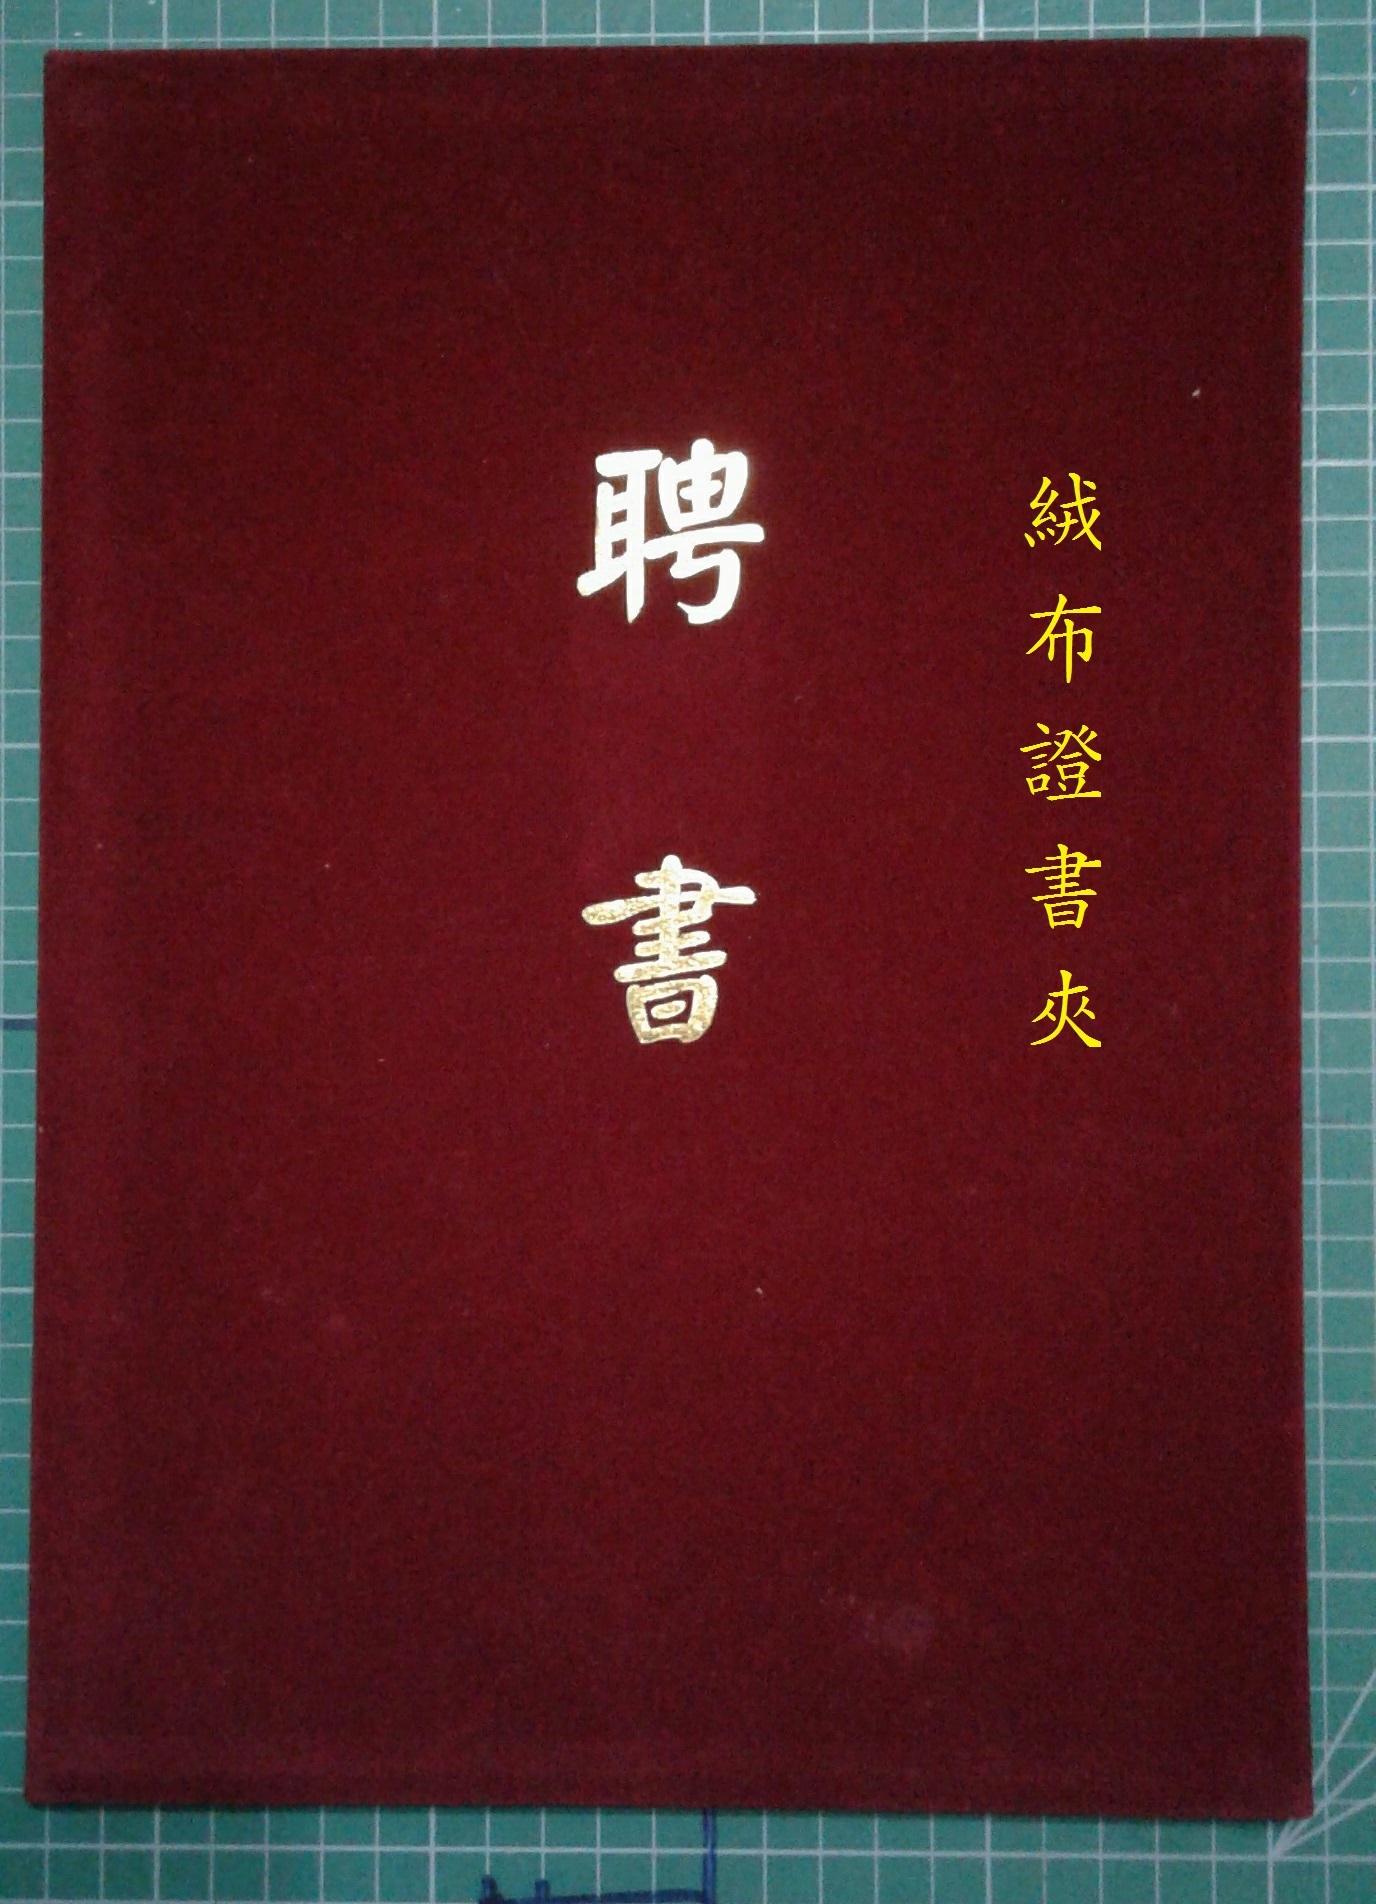 證書夾_170509_0017.jpg